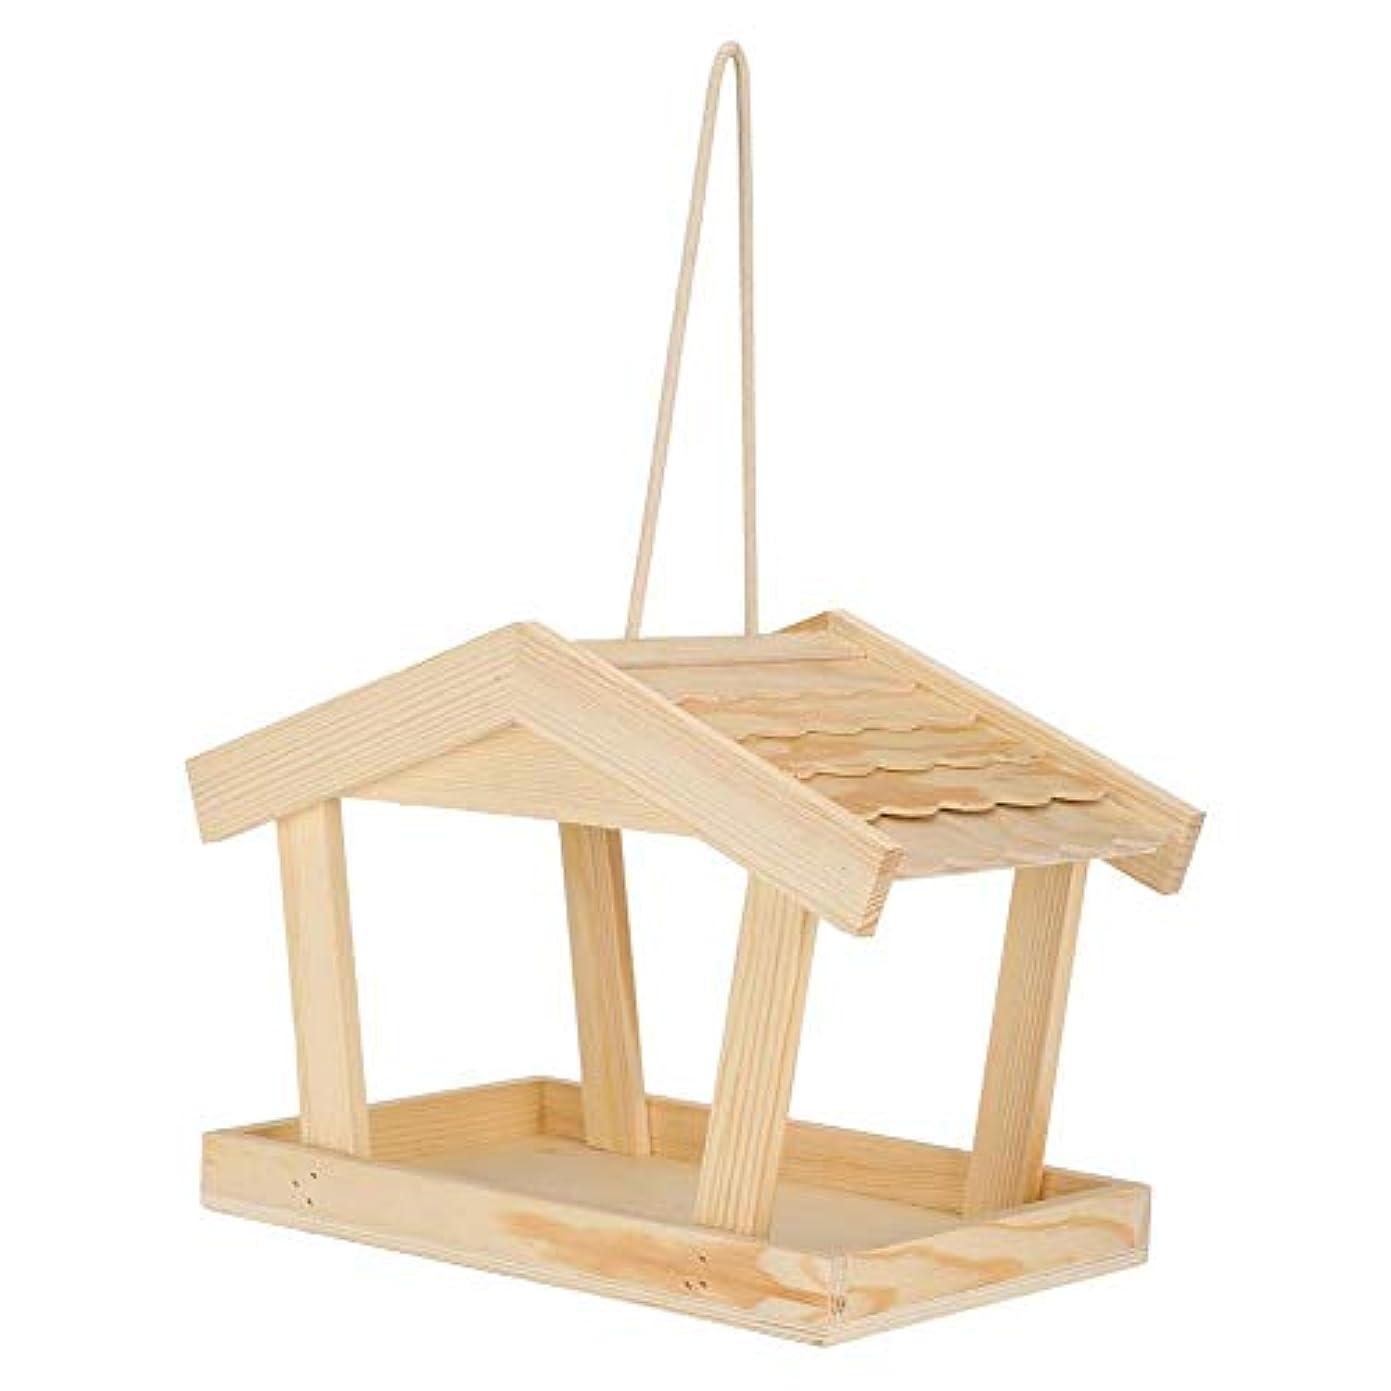 消化トランスペアレント長方形巣箱キット、木製巣箱ウッド巣箱巣箱、巣箱スタンド庭のバルコニー用屋外巣箱